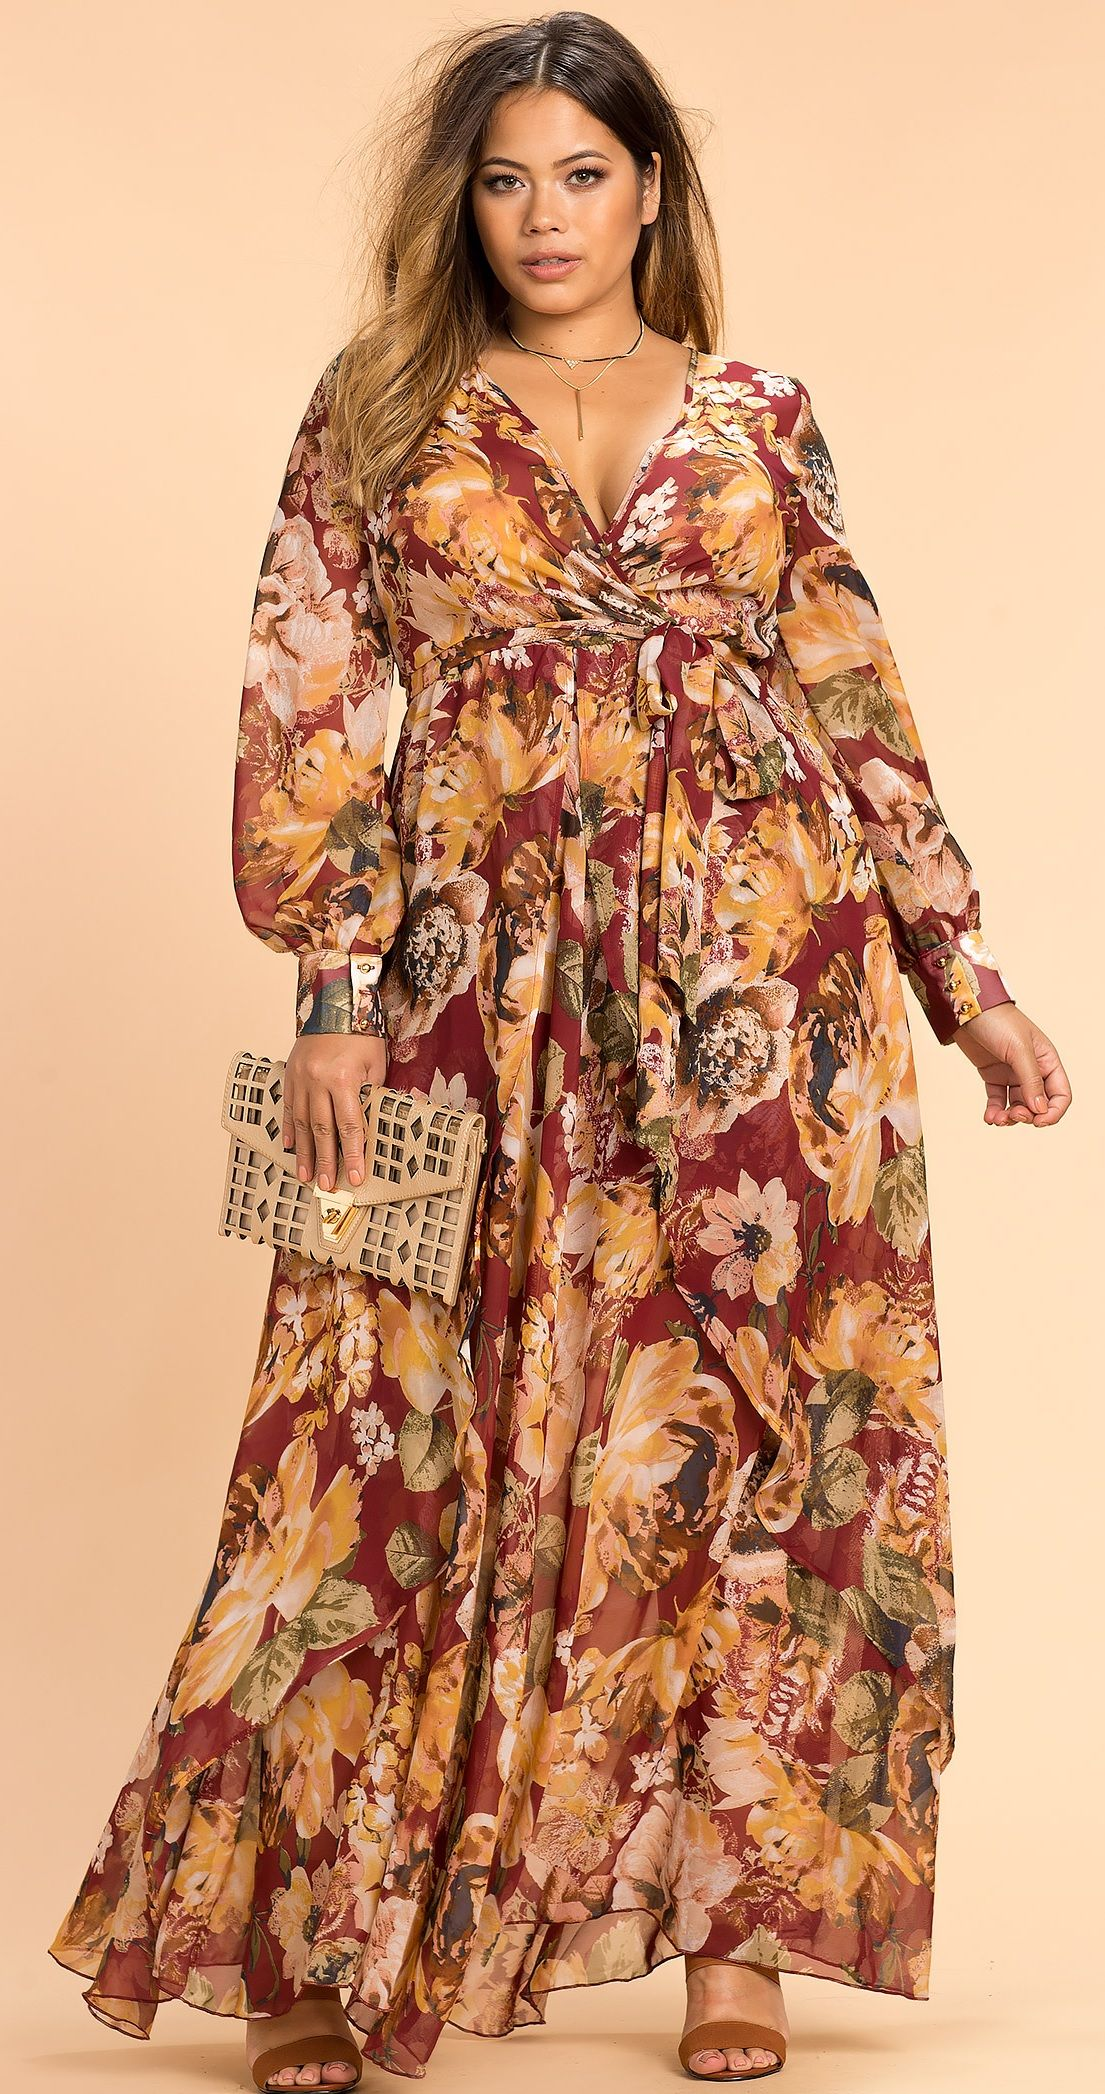 Plus Size Autumn Floral Maxi Dress | Plus Size Fashion | Pinterest ...